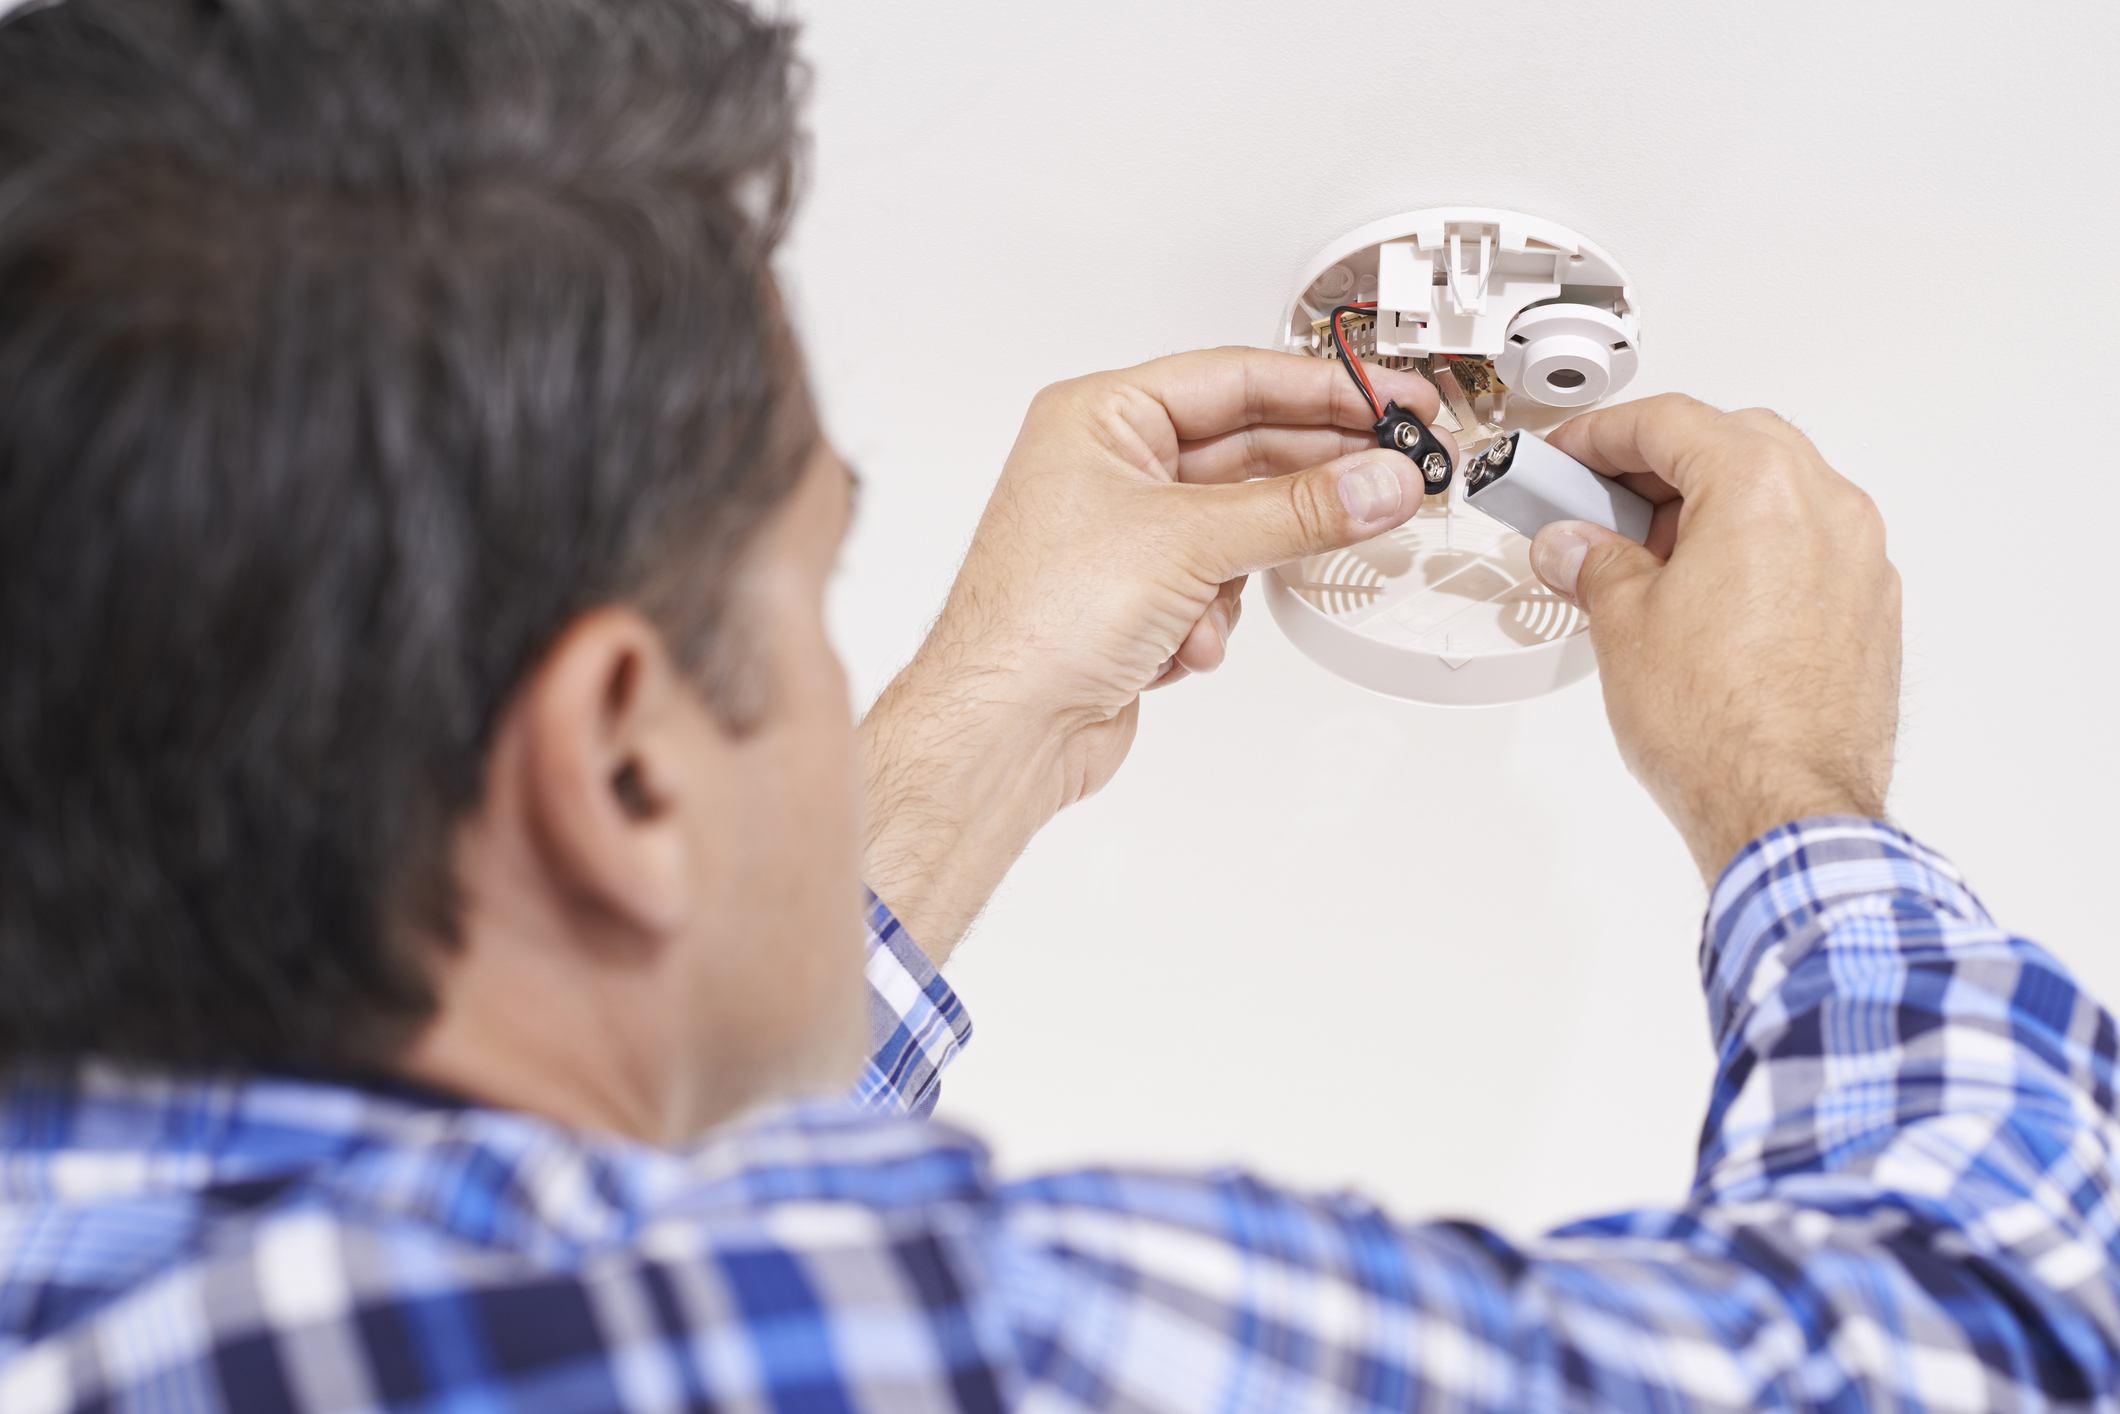 Man replacing battery in smoke detector